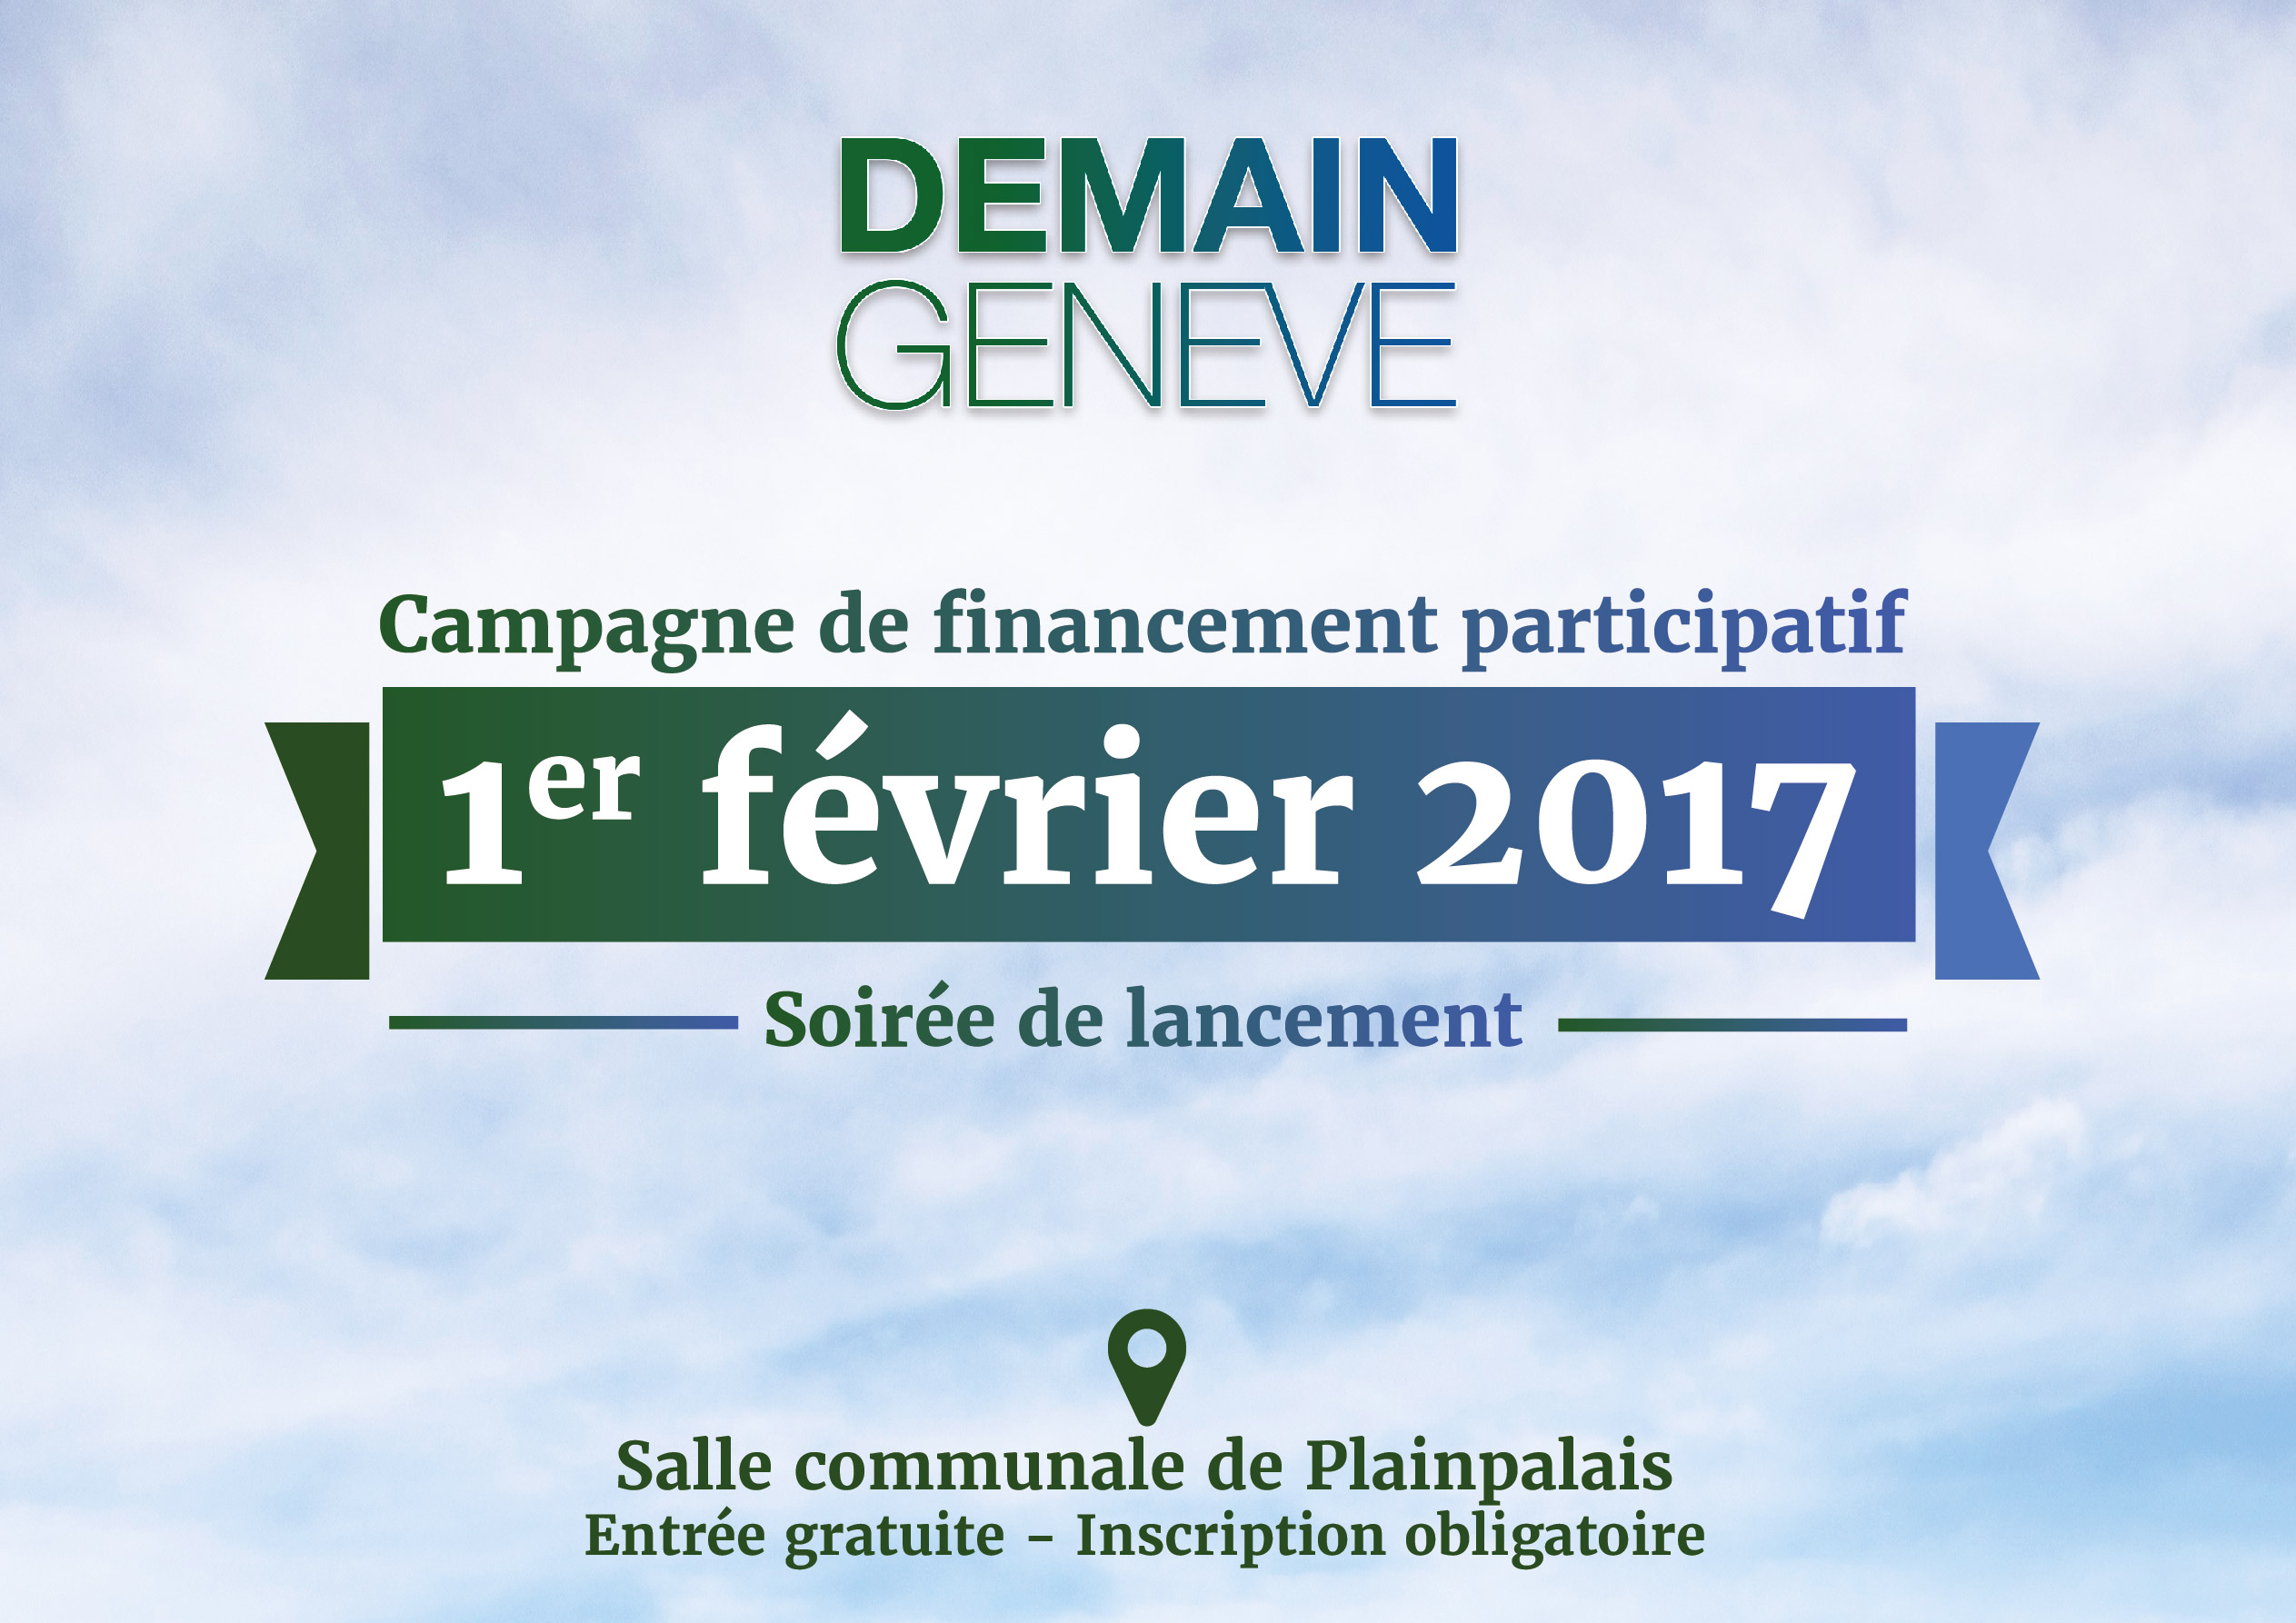 Soirée de lancement de la campagne de crowdfunding pour le film Demain Genève le 1er février 2017 à la Salle communale de Plainpalais